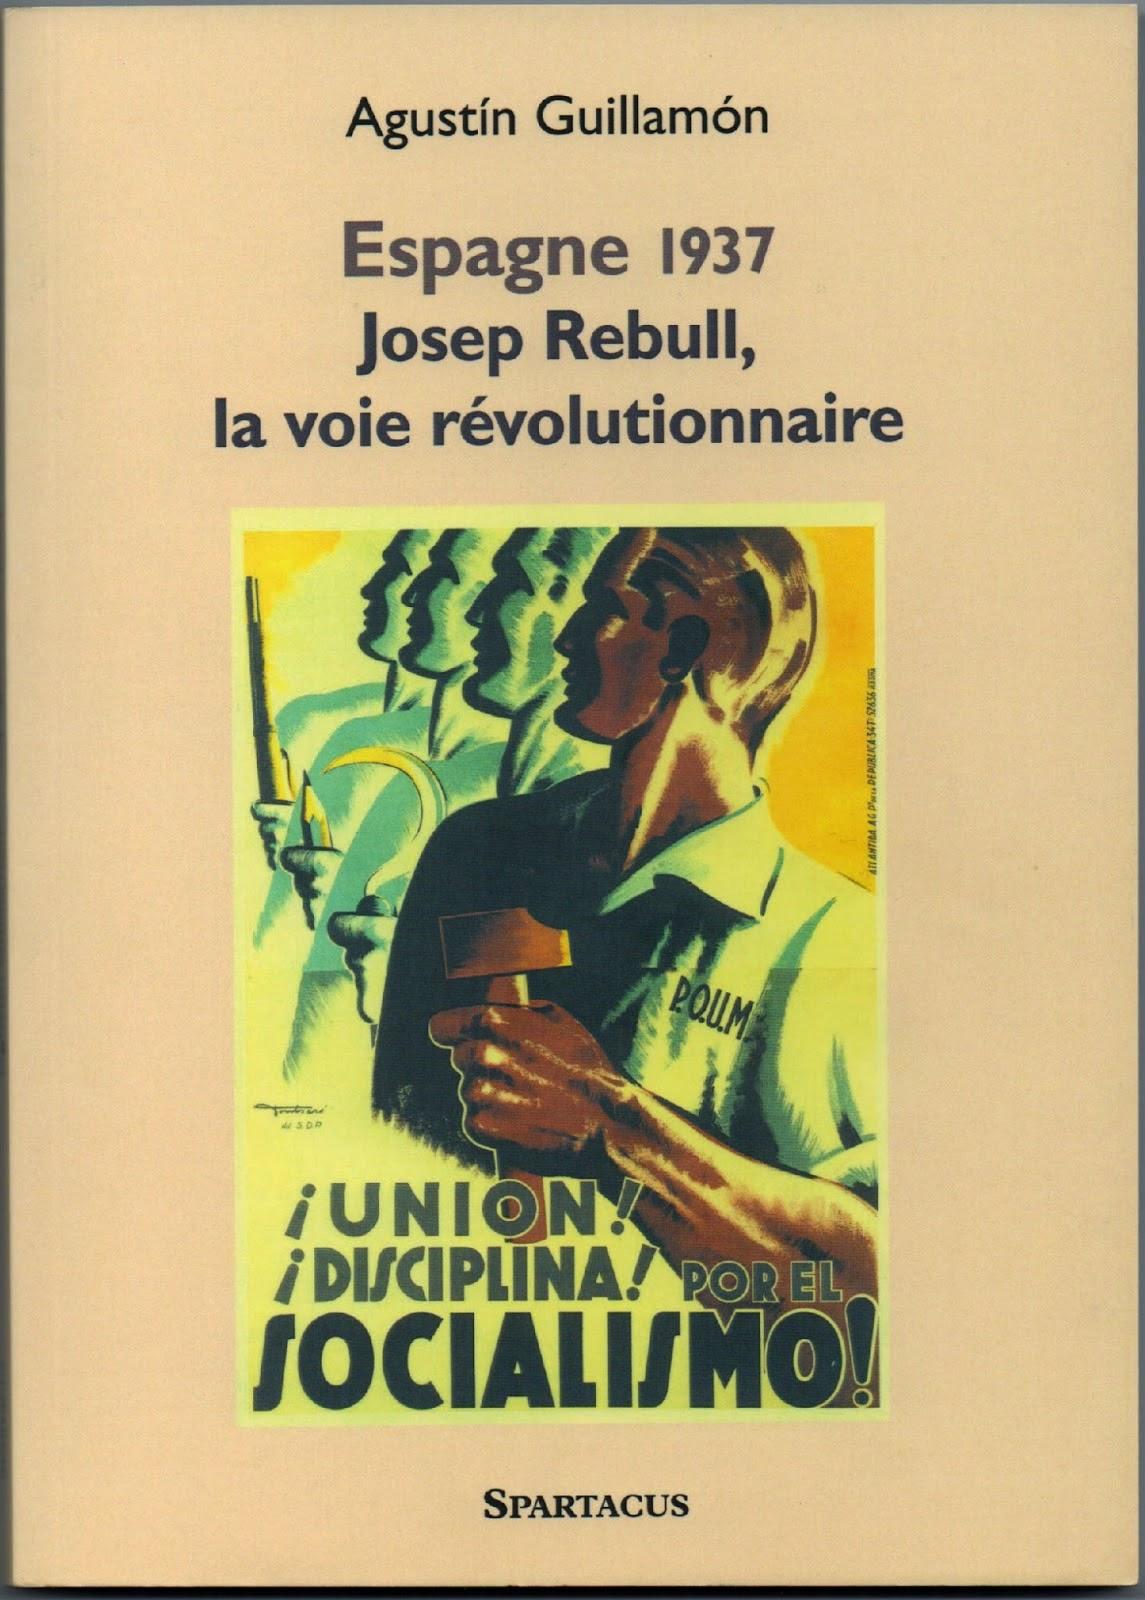 """""""Espagne 1937. Josep Rebull, la voie révolutionnaire"""". Nou llibre, en francès, d'Agustí Guillamón."""